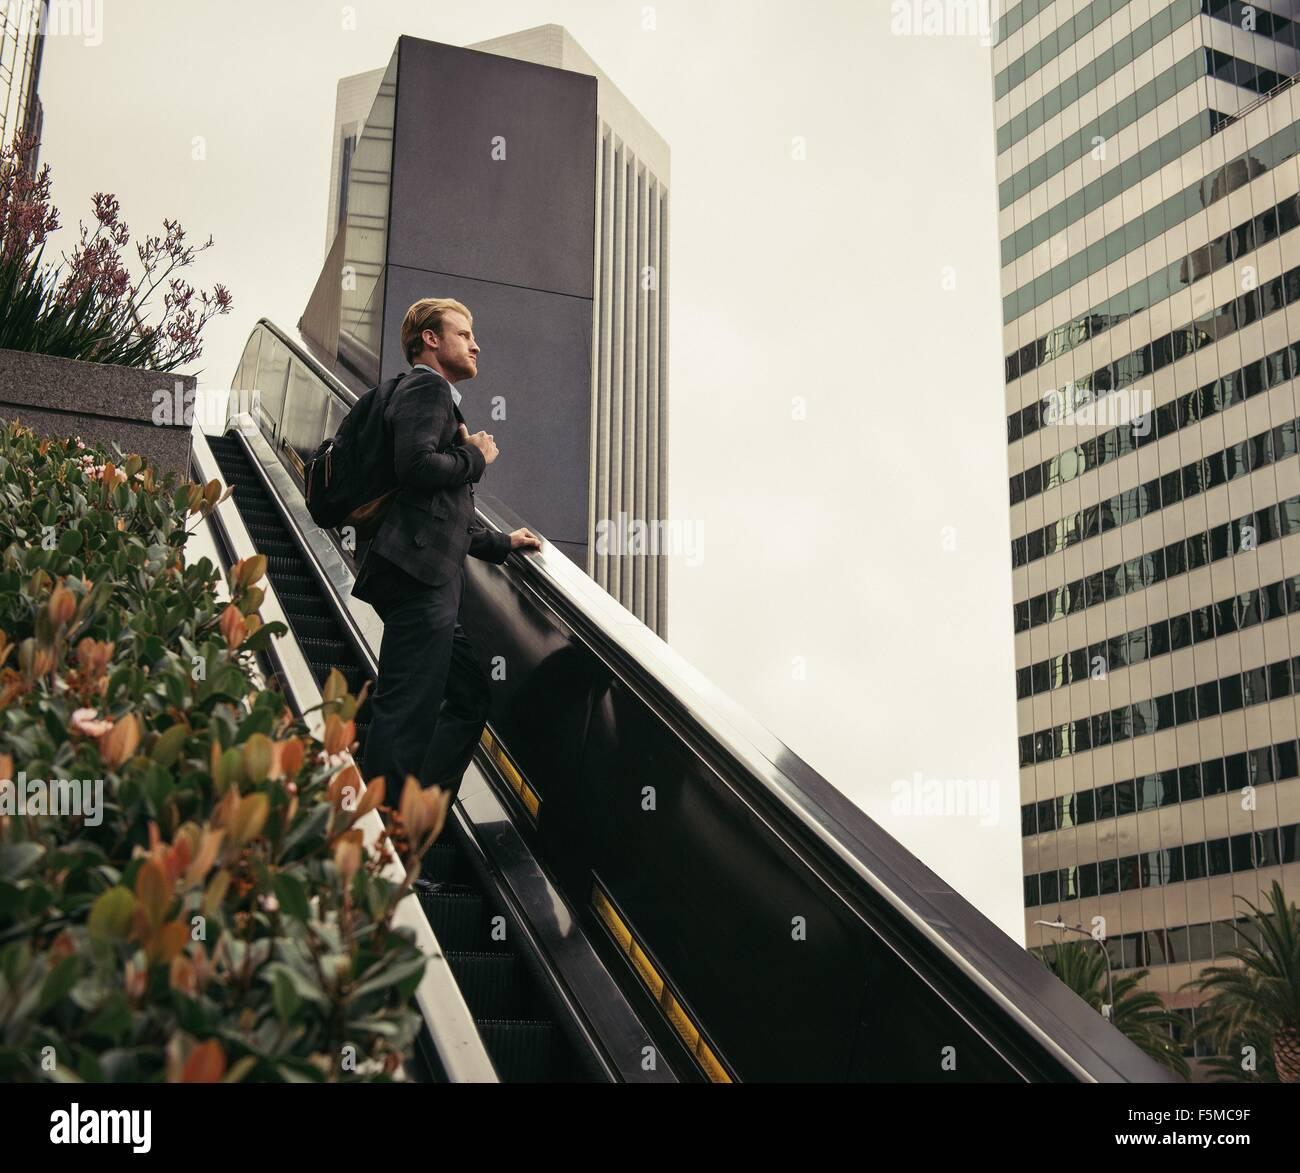 Empresario subiendo las escaleras mecánicas, Los Angeles, EE.UU. Imagen De Stock